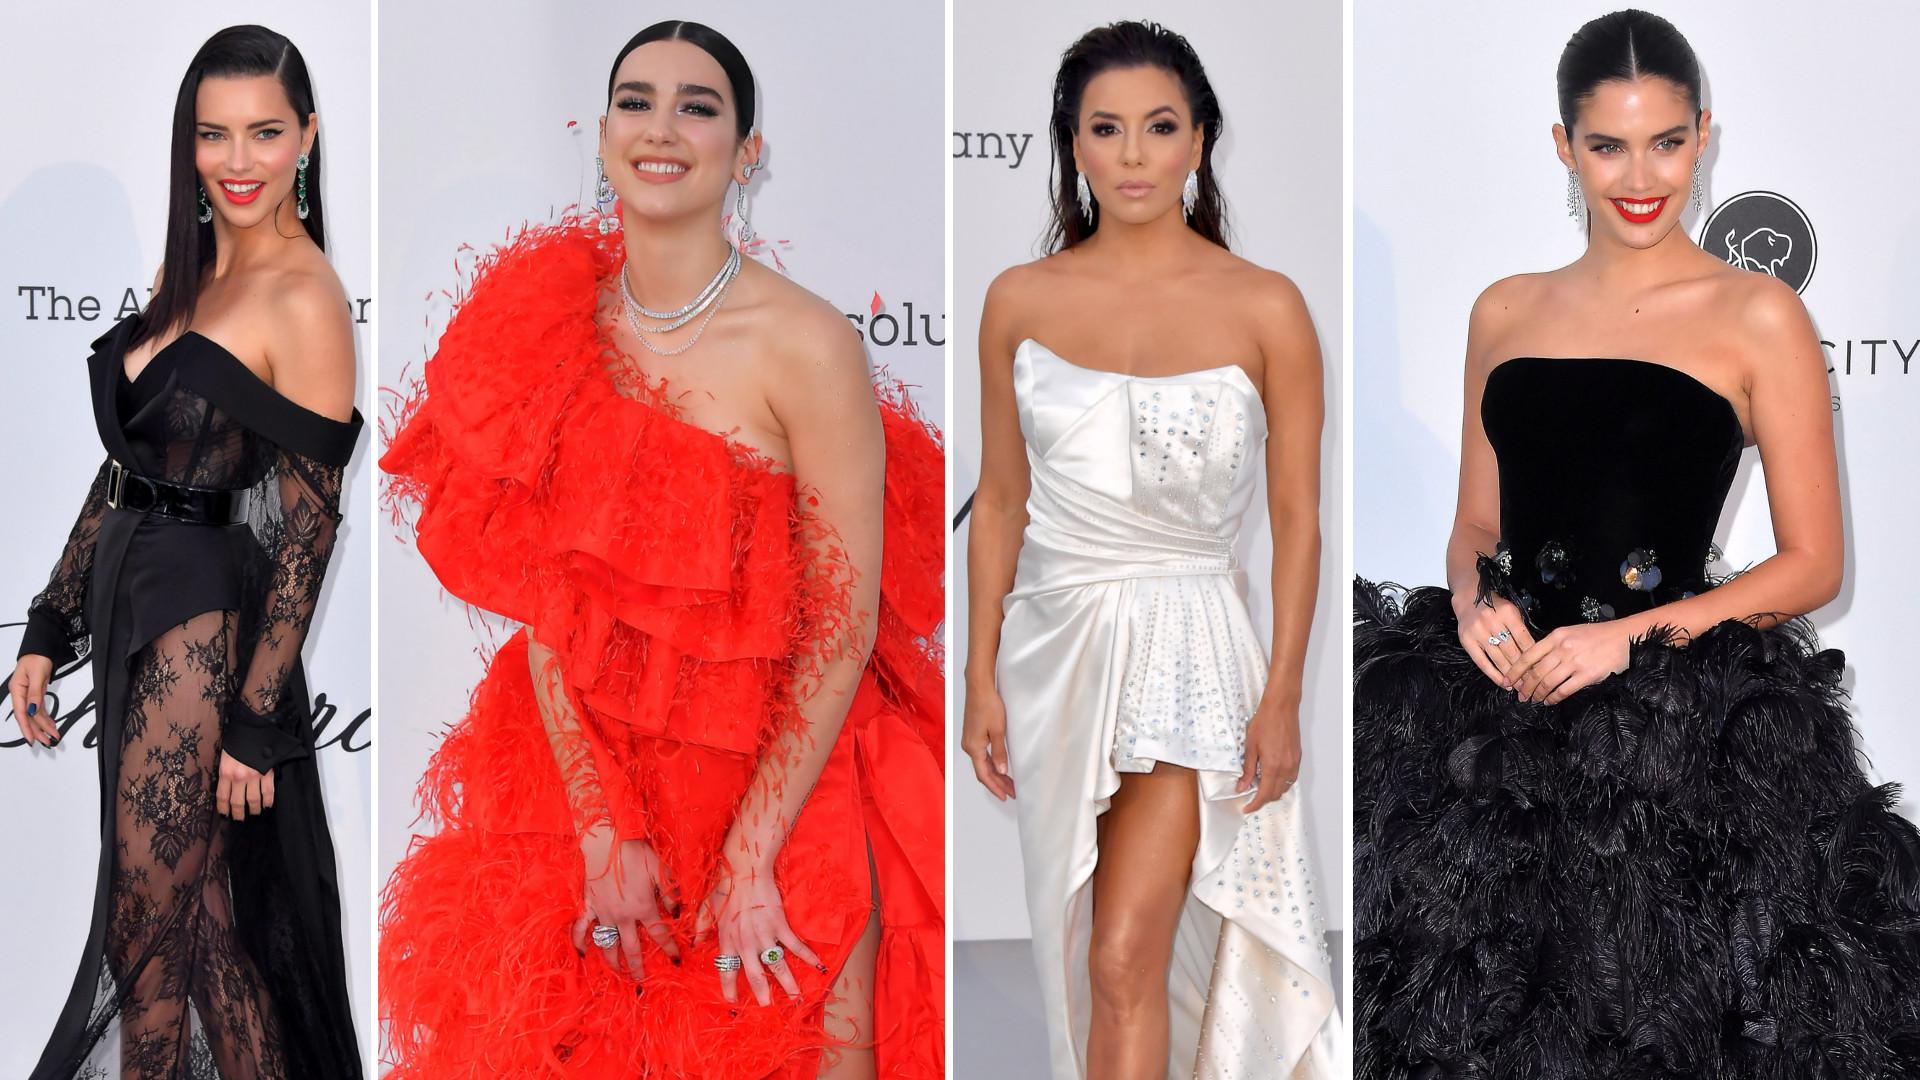 BOSKIE kreacje na gali amfAR – Kendall Jenner, Eva Longoria, Adriana Lima i wiele innych gwiazd